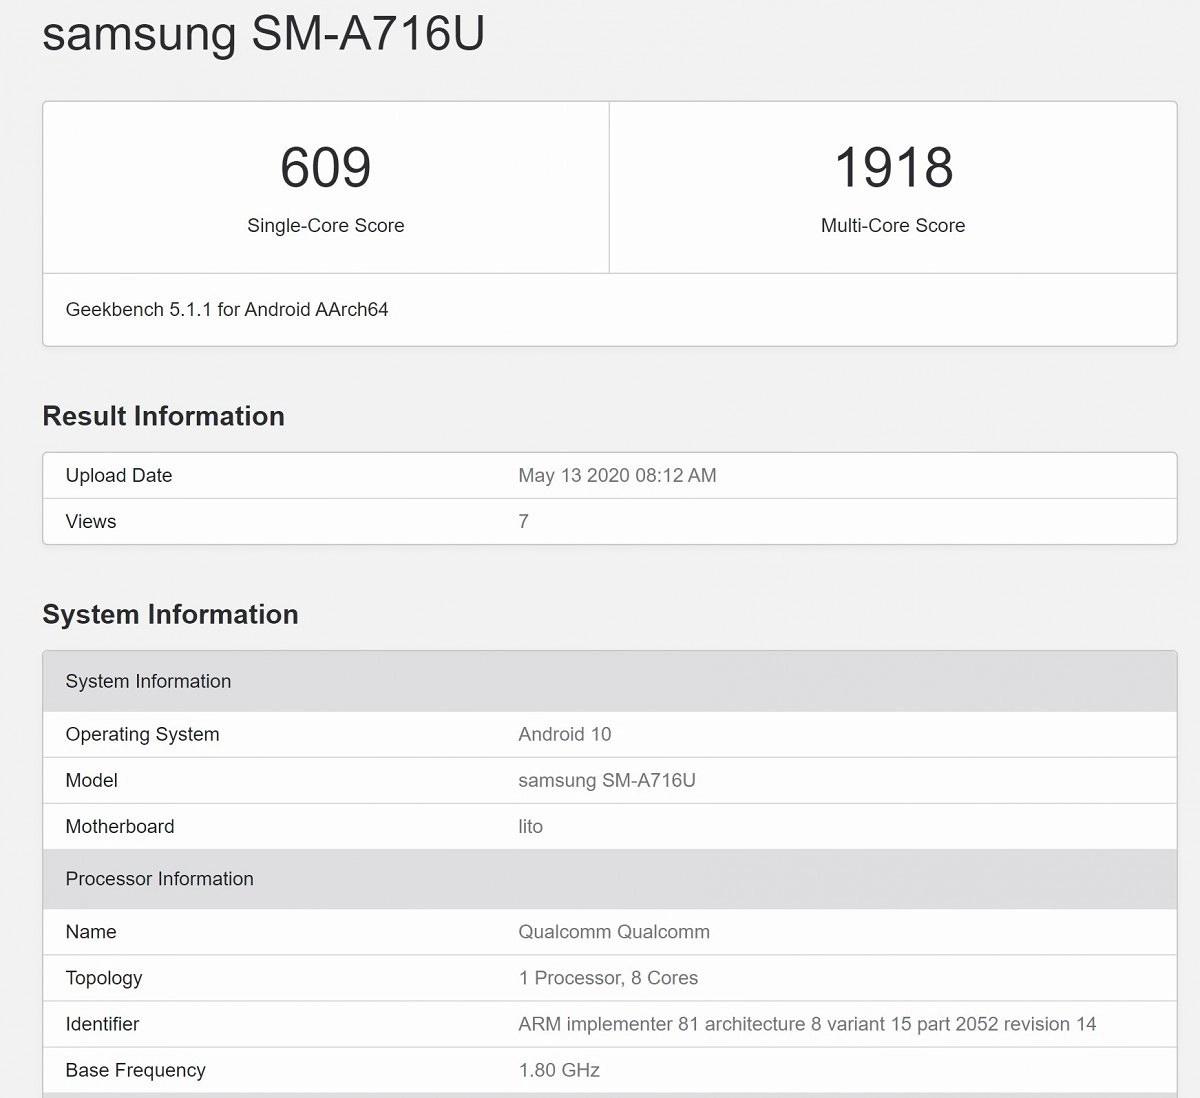 Samsung Galaxy A71 5G (SM-A716U) Geekbench